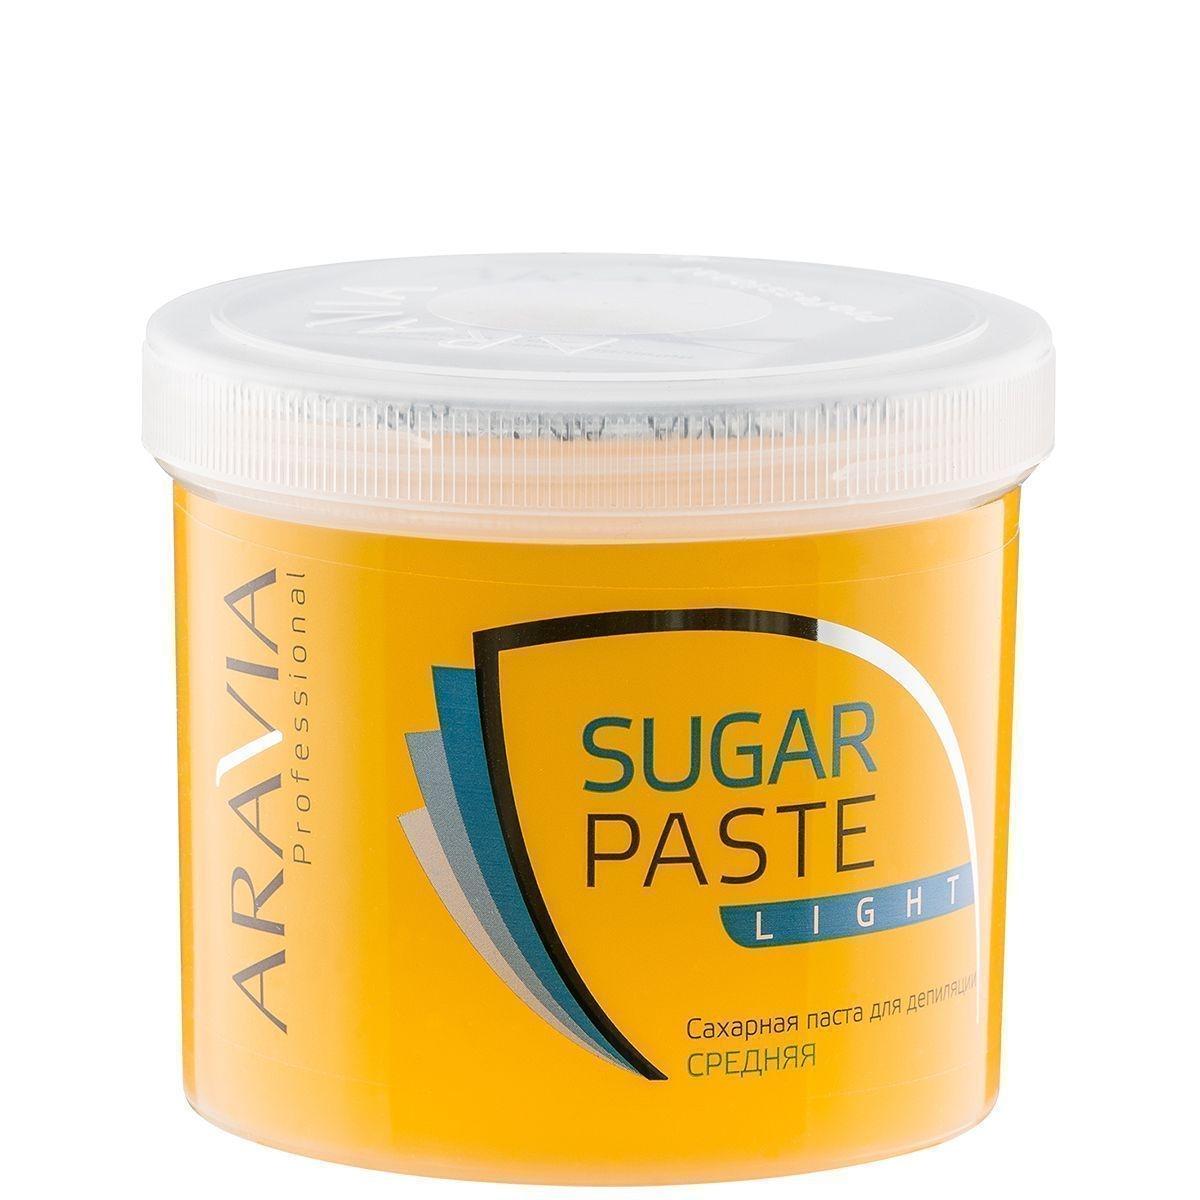 ARAVIA Сахарная Паста для Депиляции Легкая Средней Консистенции, 750 гр сахарная паста для депиляции мягкая и легкая мягкой консистенции aravia professional 750 гр